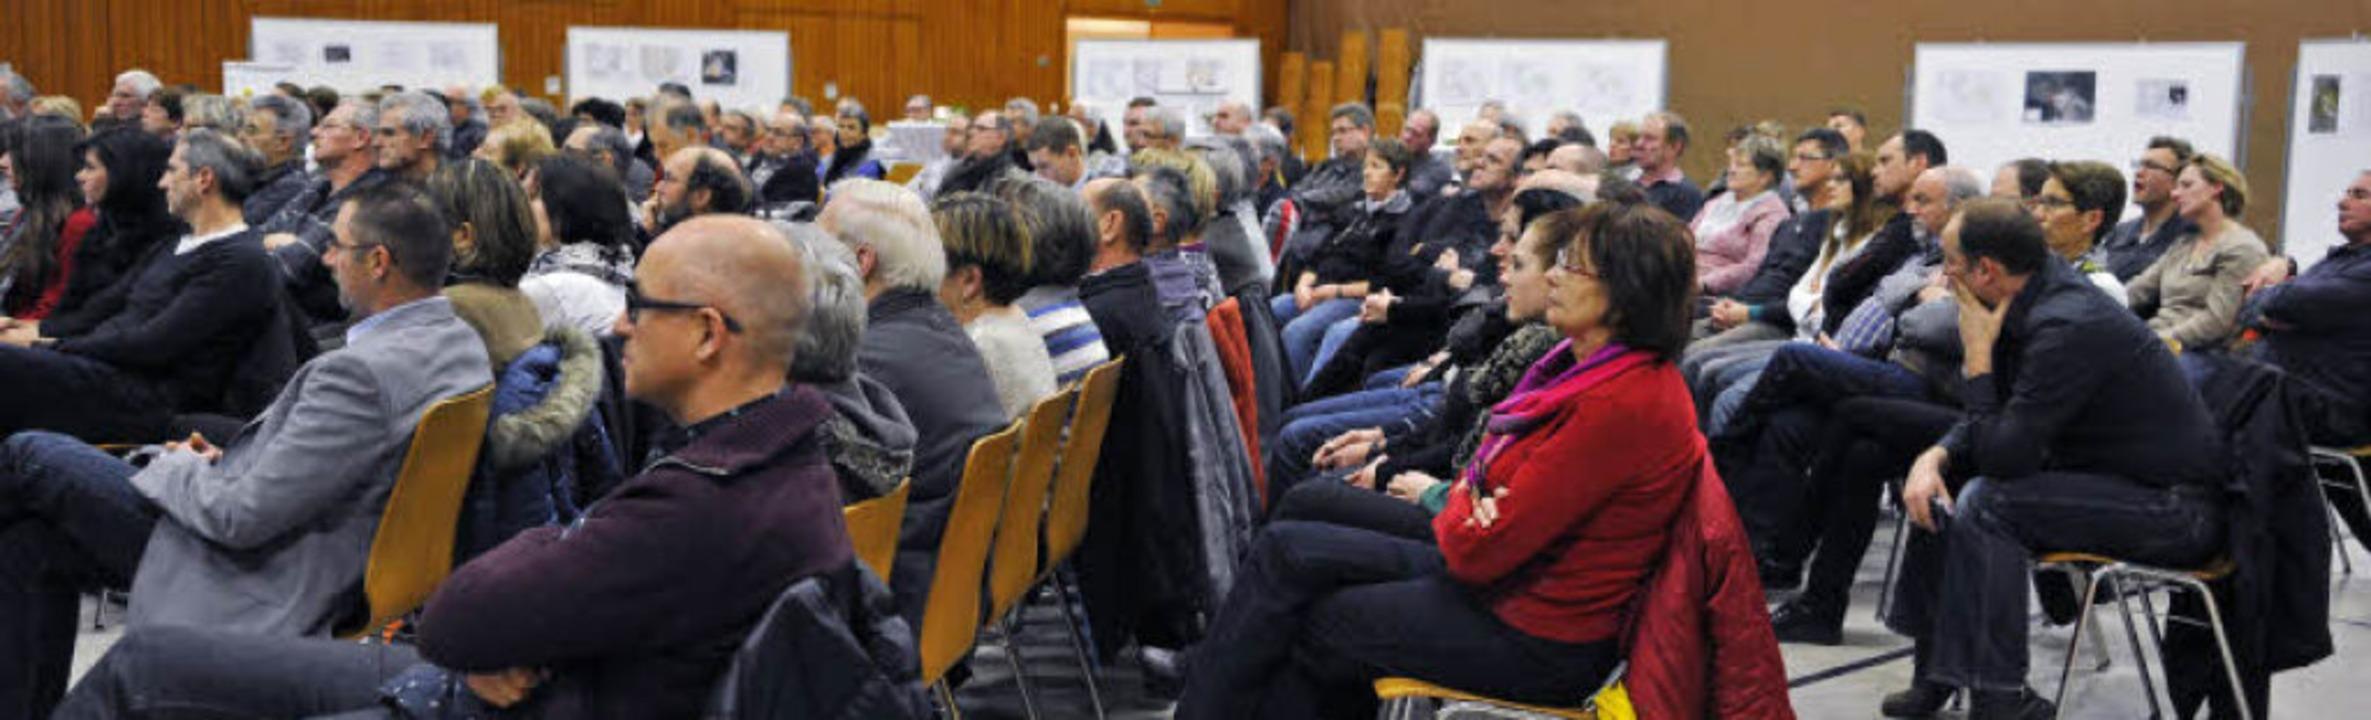 Rund 200 Besucher in der Rheingießenha...rstellen – und diskutierten mit.  | Foto: Bernhard Rein